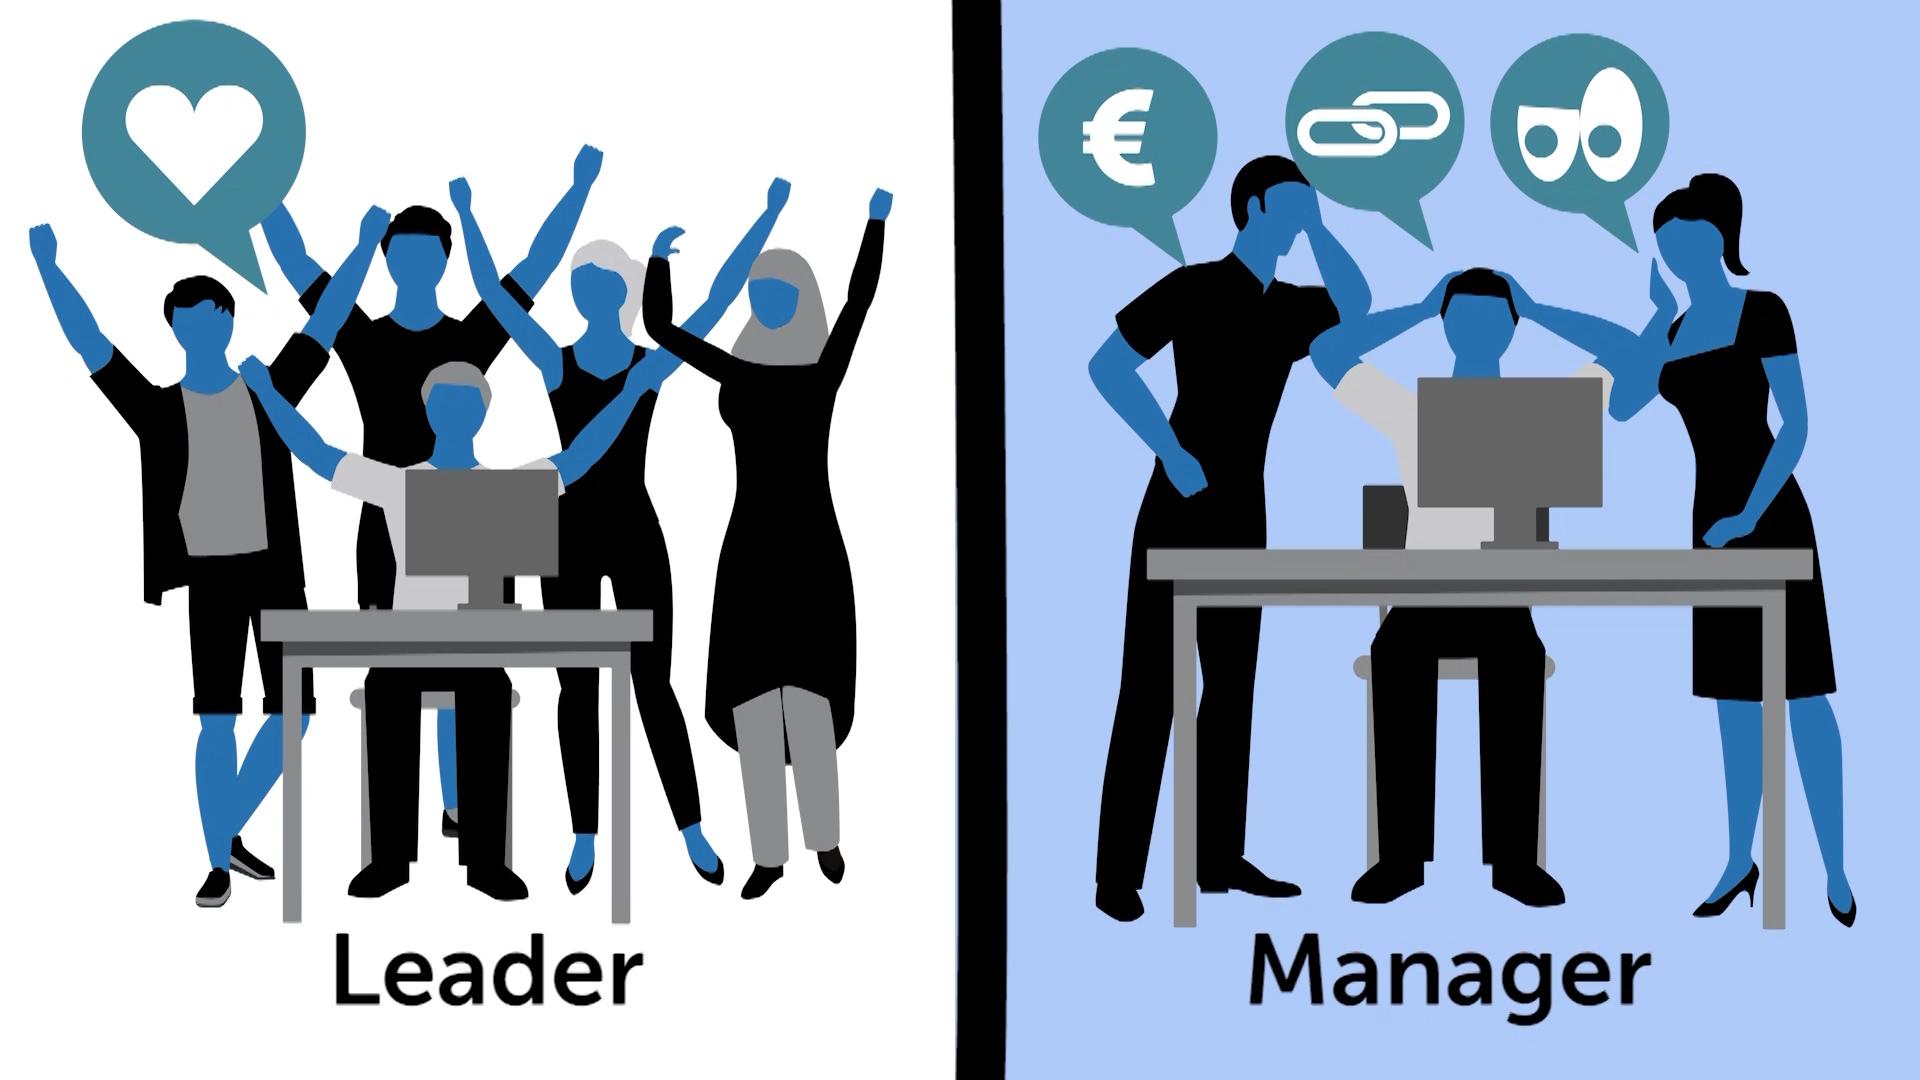 تفاوت های رهبری کردن و مدیریت کردن